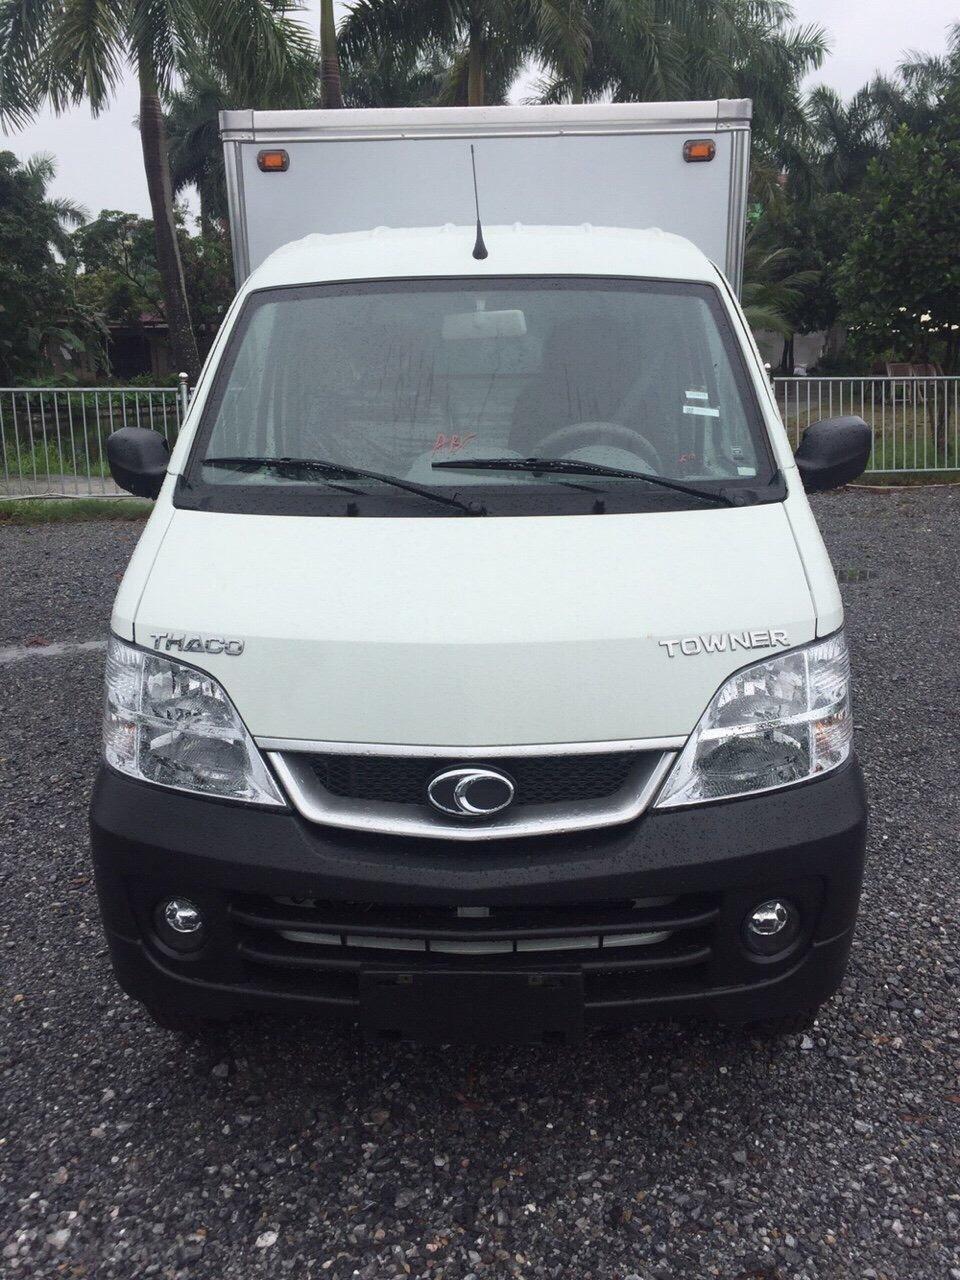 Thaco Towner 990, xe chạy phố, ưu đãi 100% thuế trước bạ, ĐK miễn phí, trả góp 60tr (5)